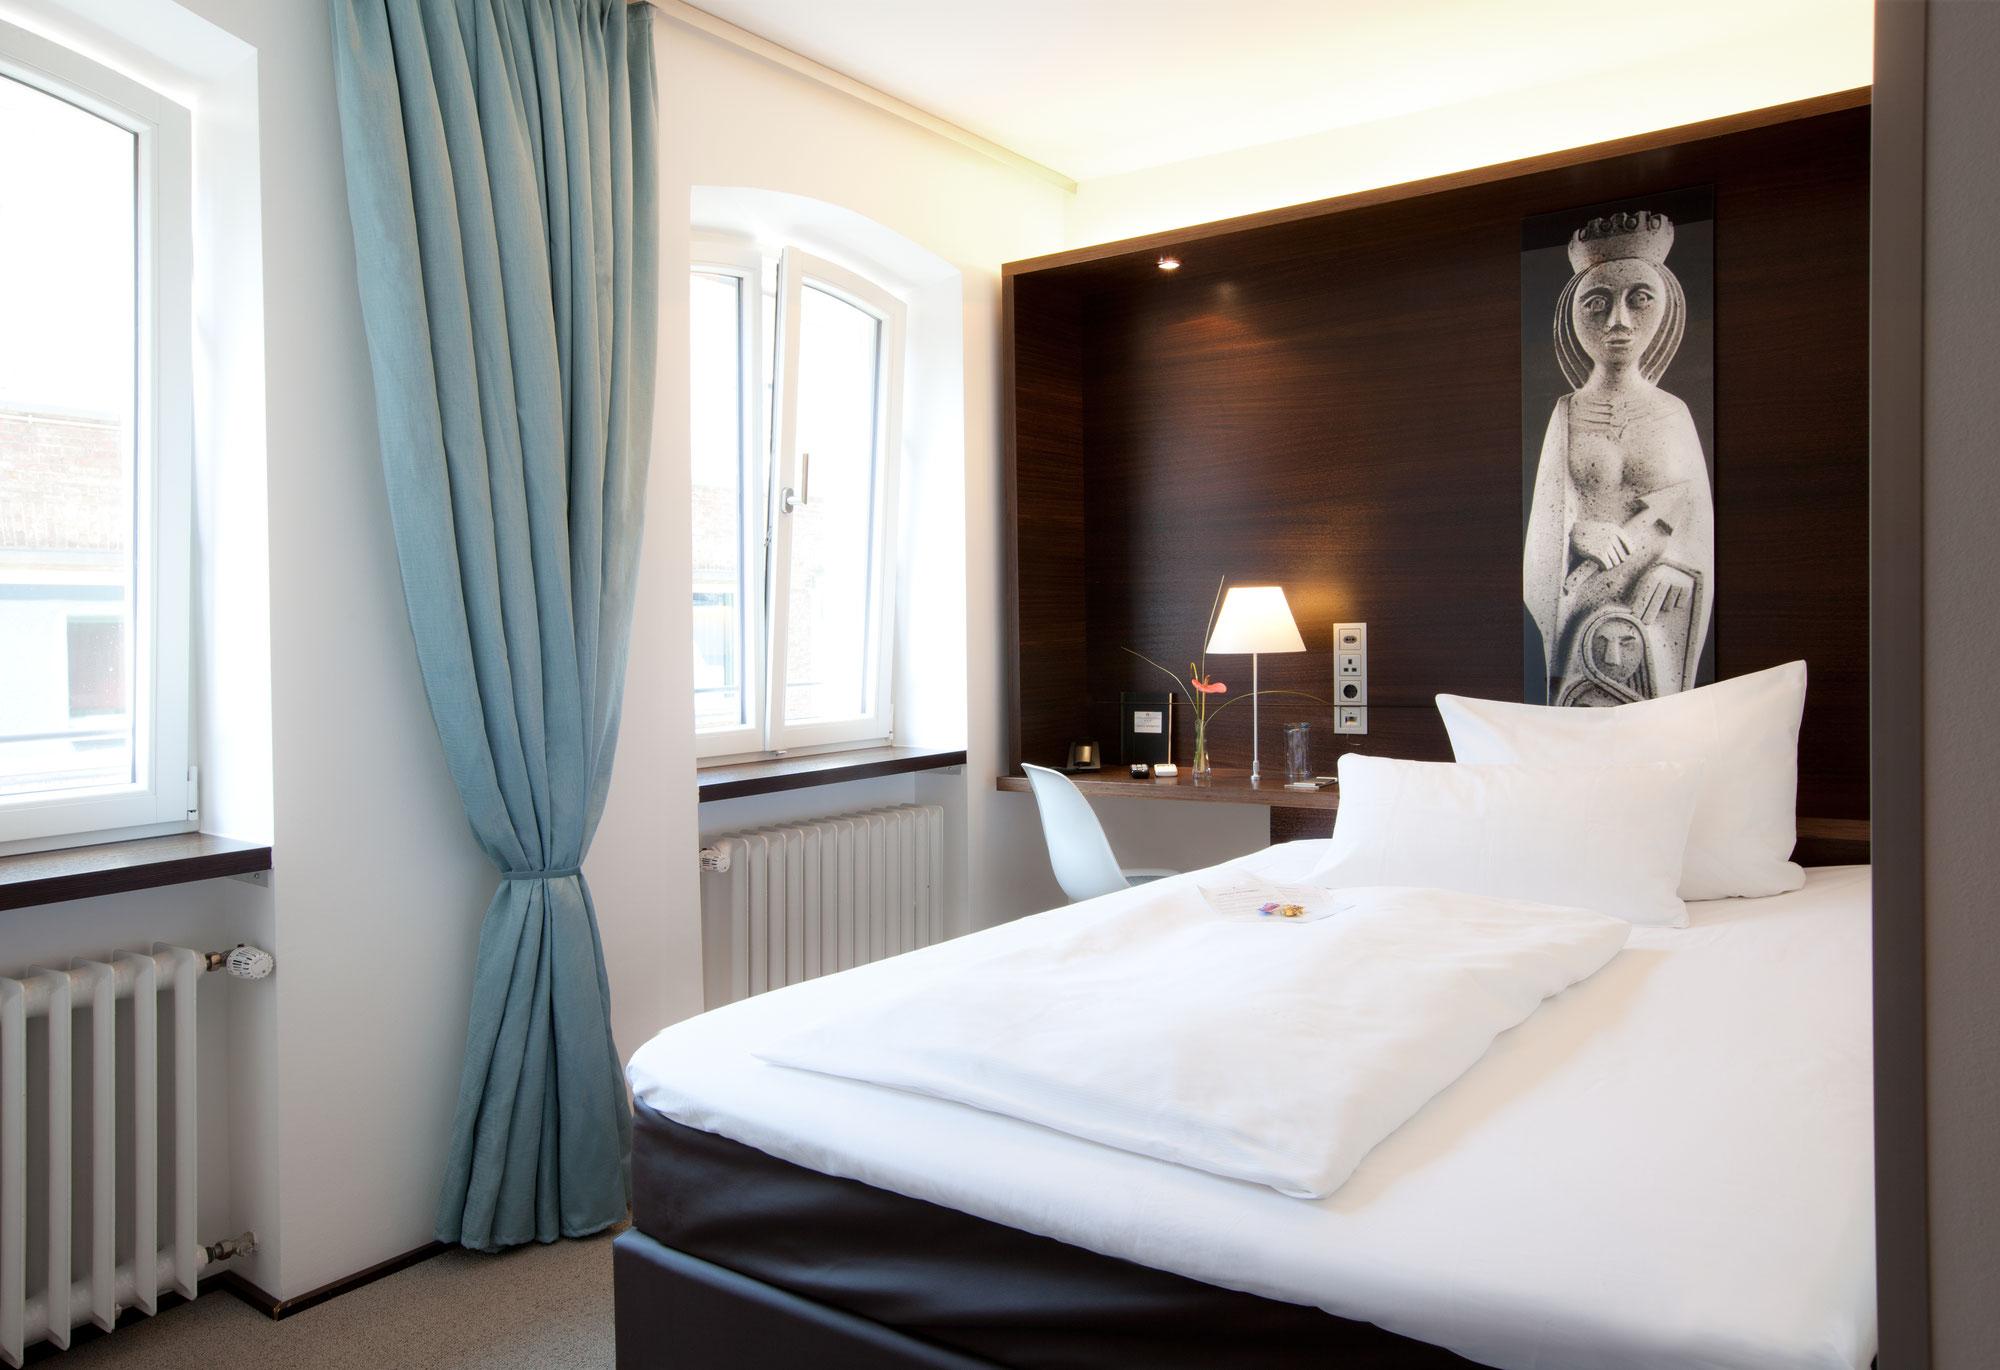 Zimmer - Hotel Stern am Rathaus, Köln